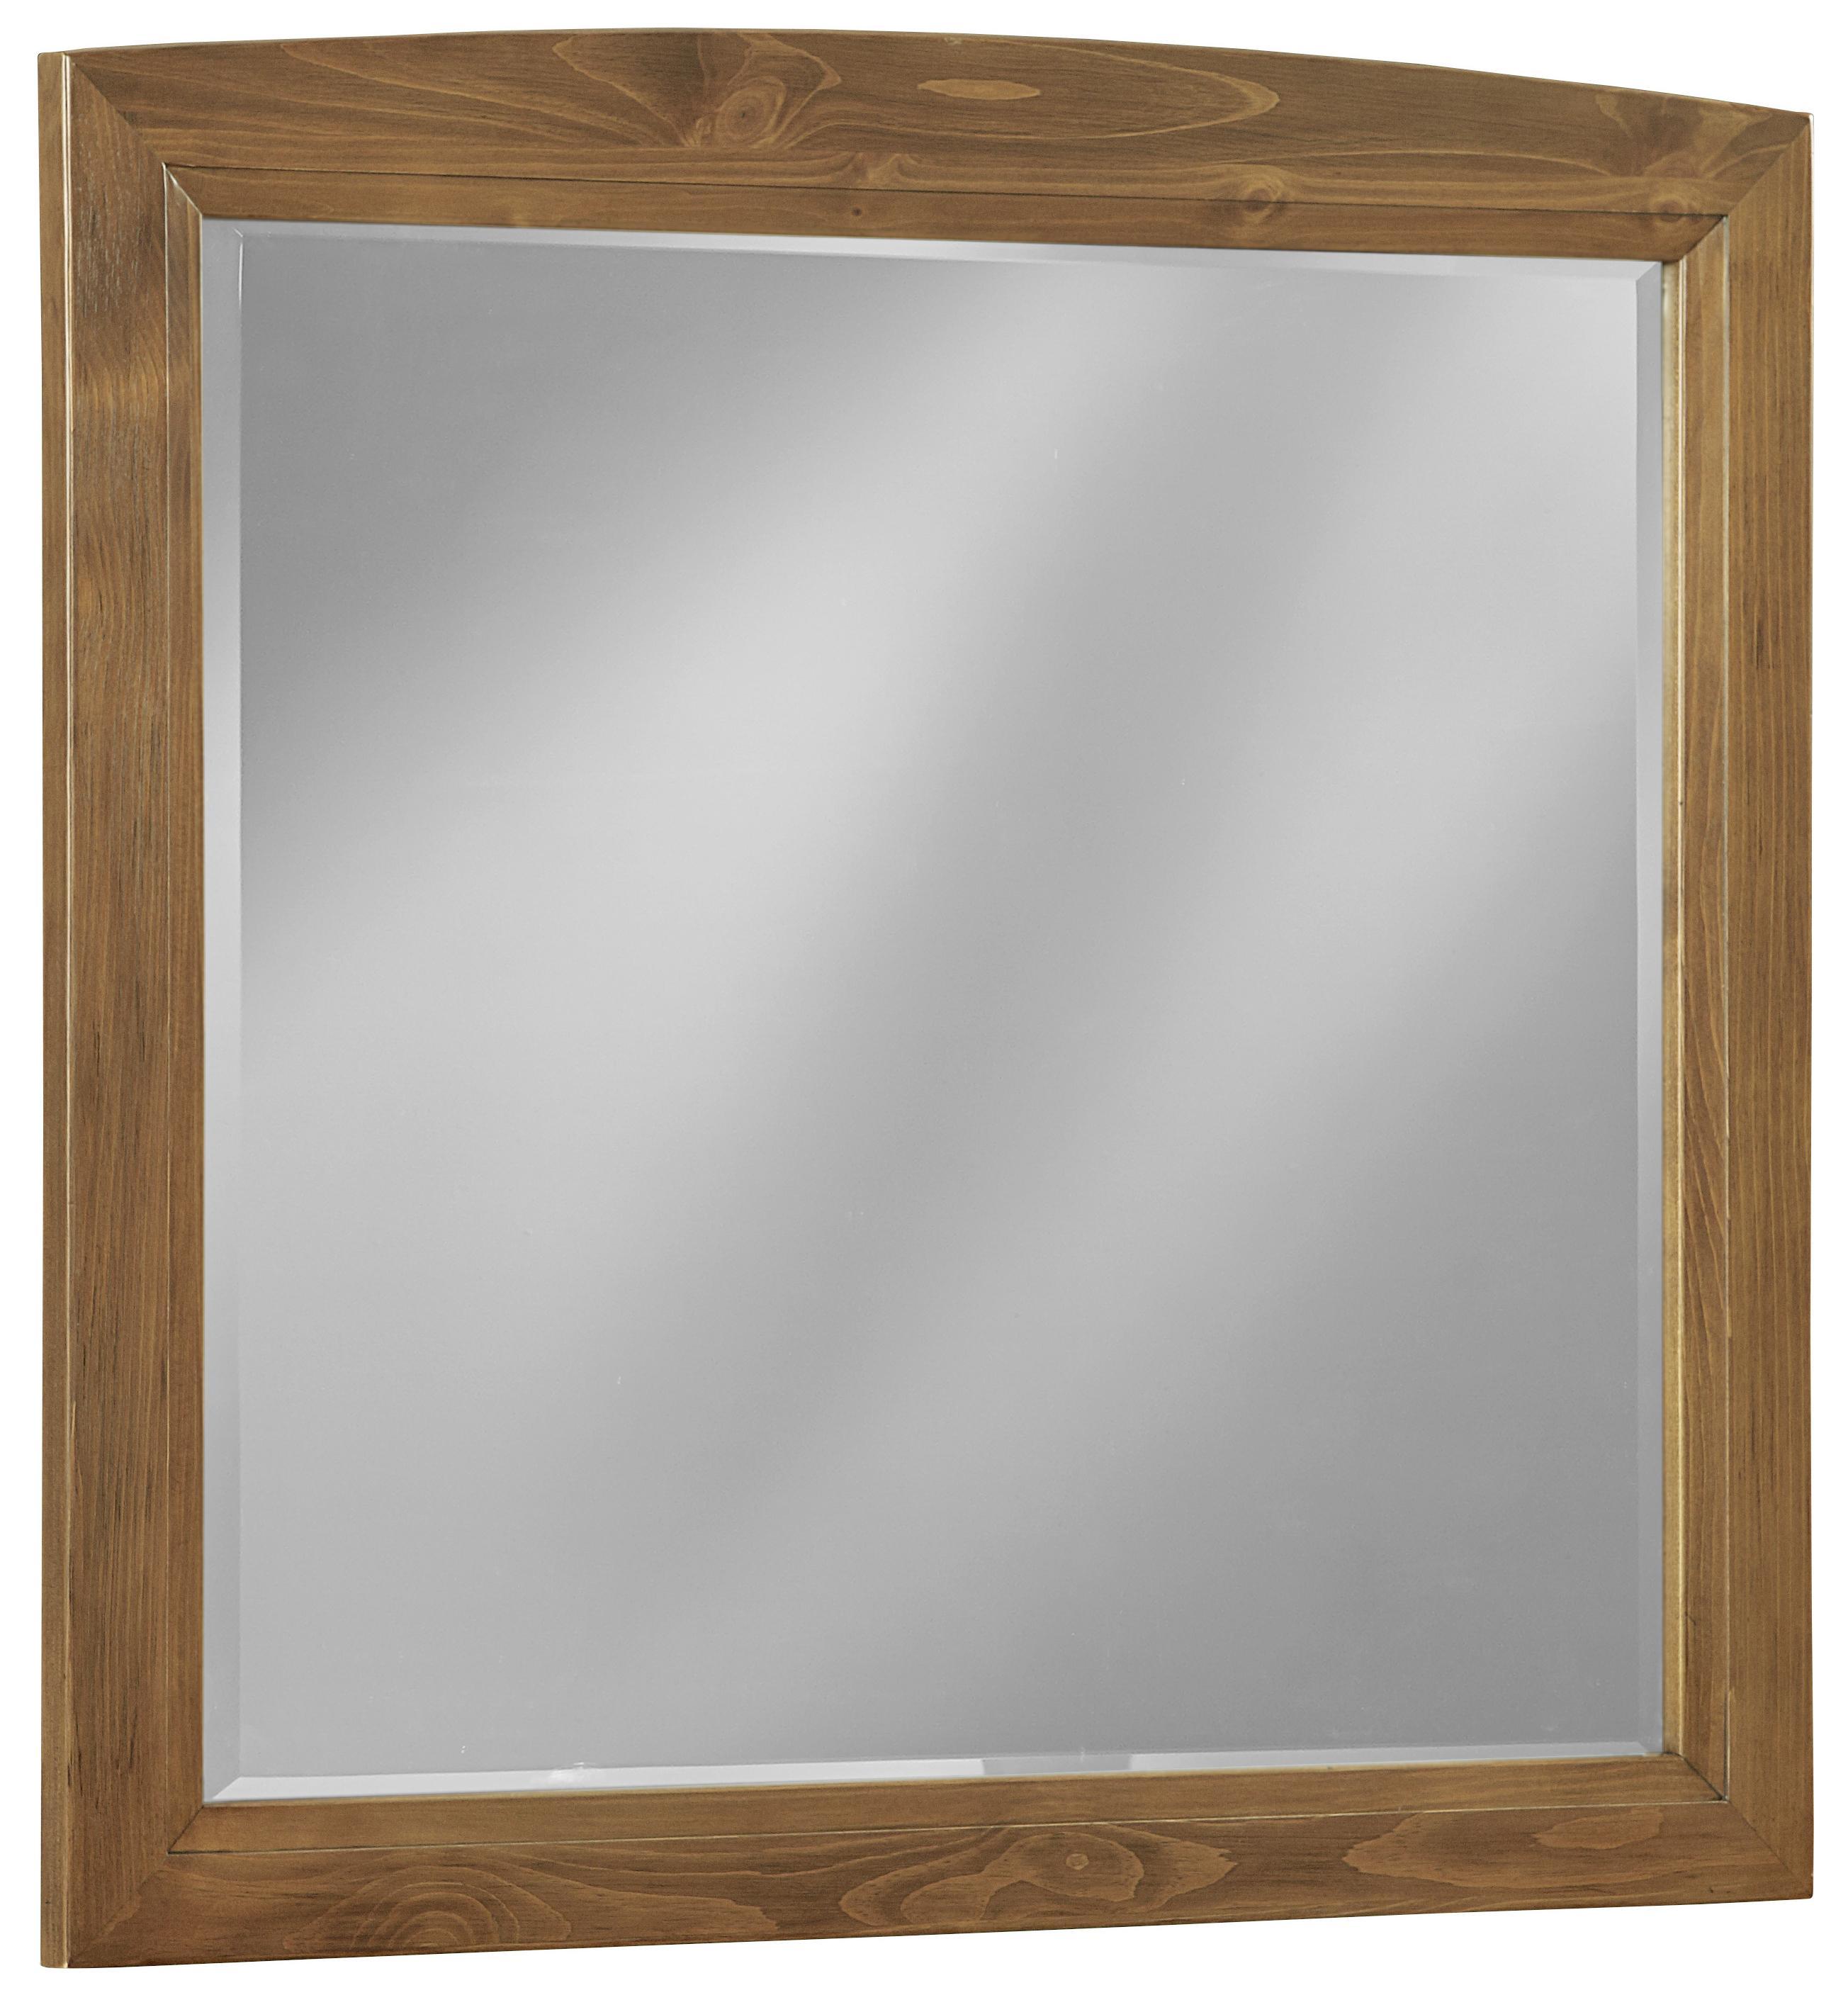 Vaughan Bassett Transitions Landscape Mirror - Item Number: BB63-446